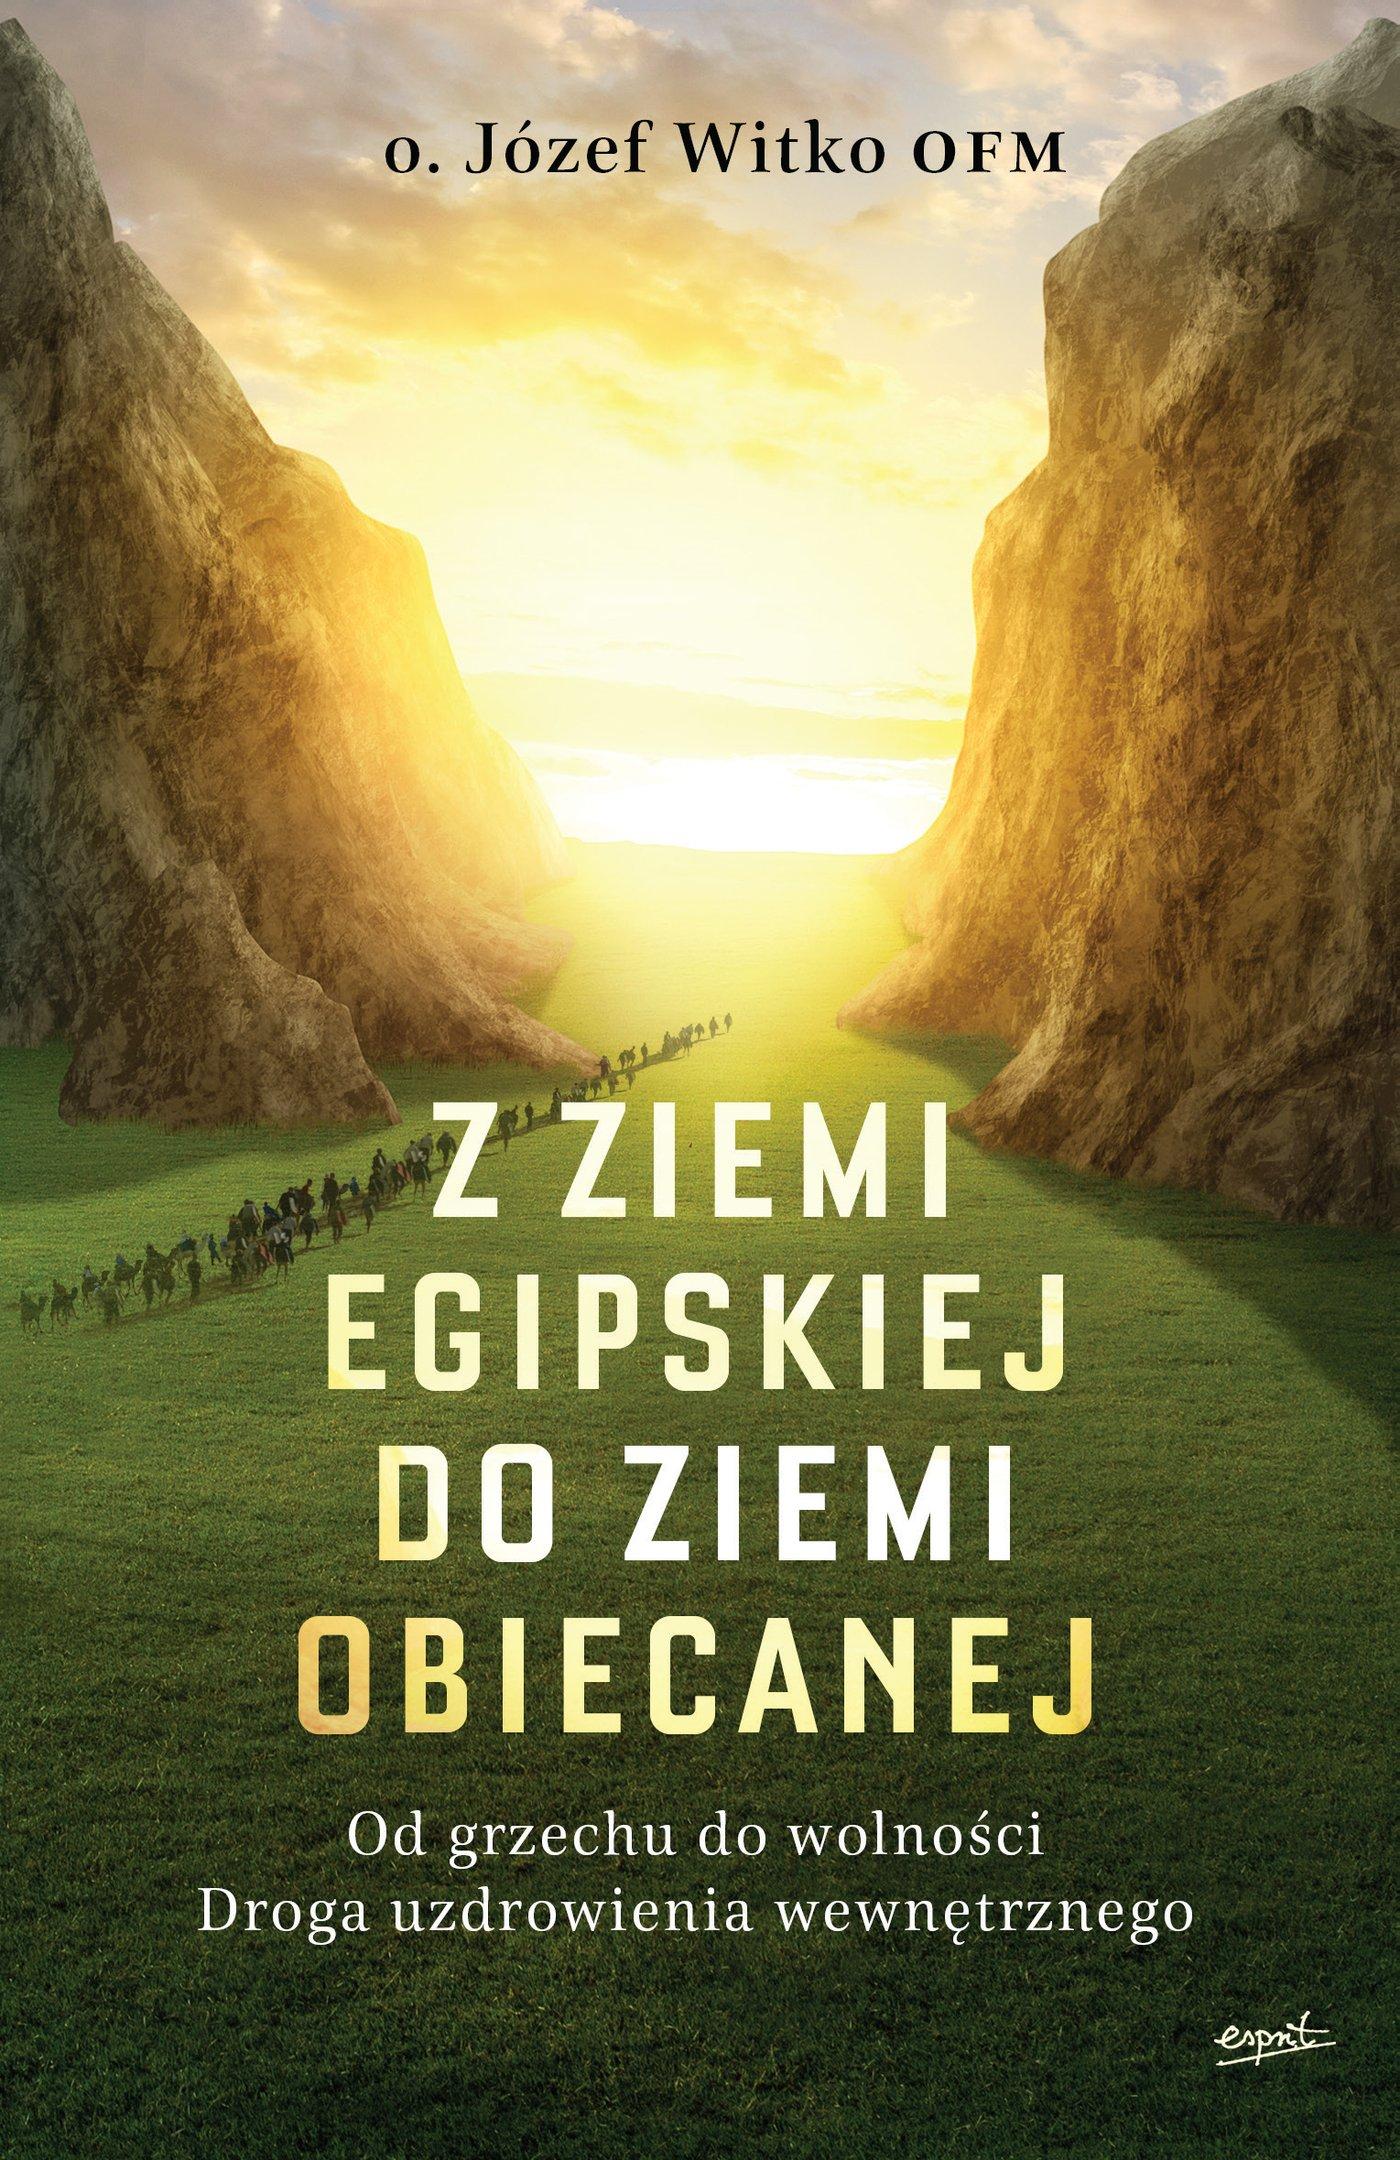 Z ziemi egipskiej do ziemi obiecanej - Ebook (Książka EPUB) do pobrania w formacie EPUB